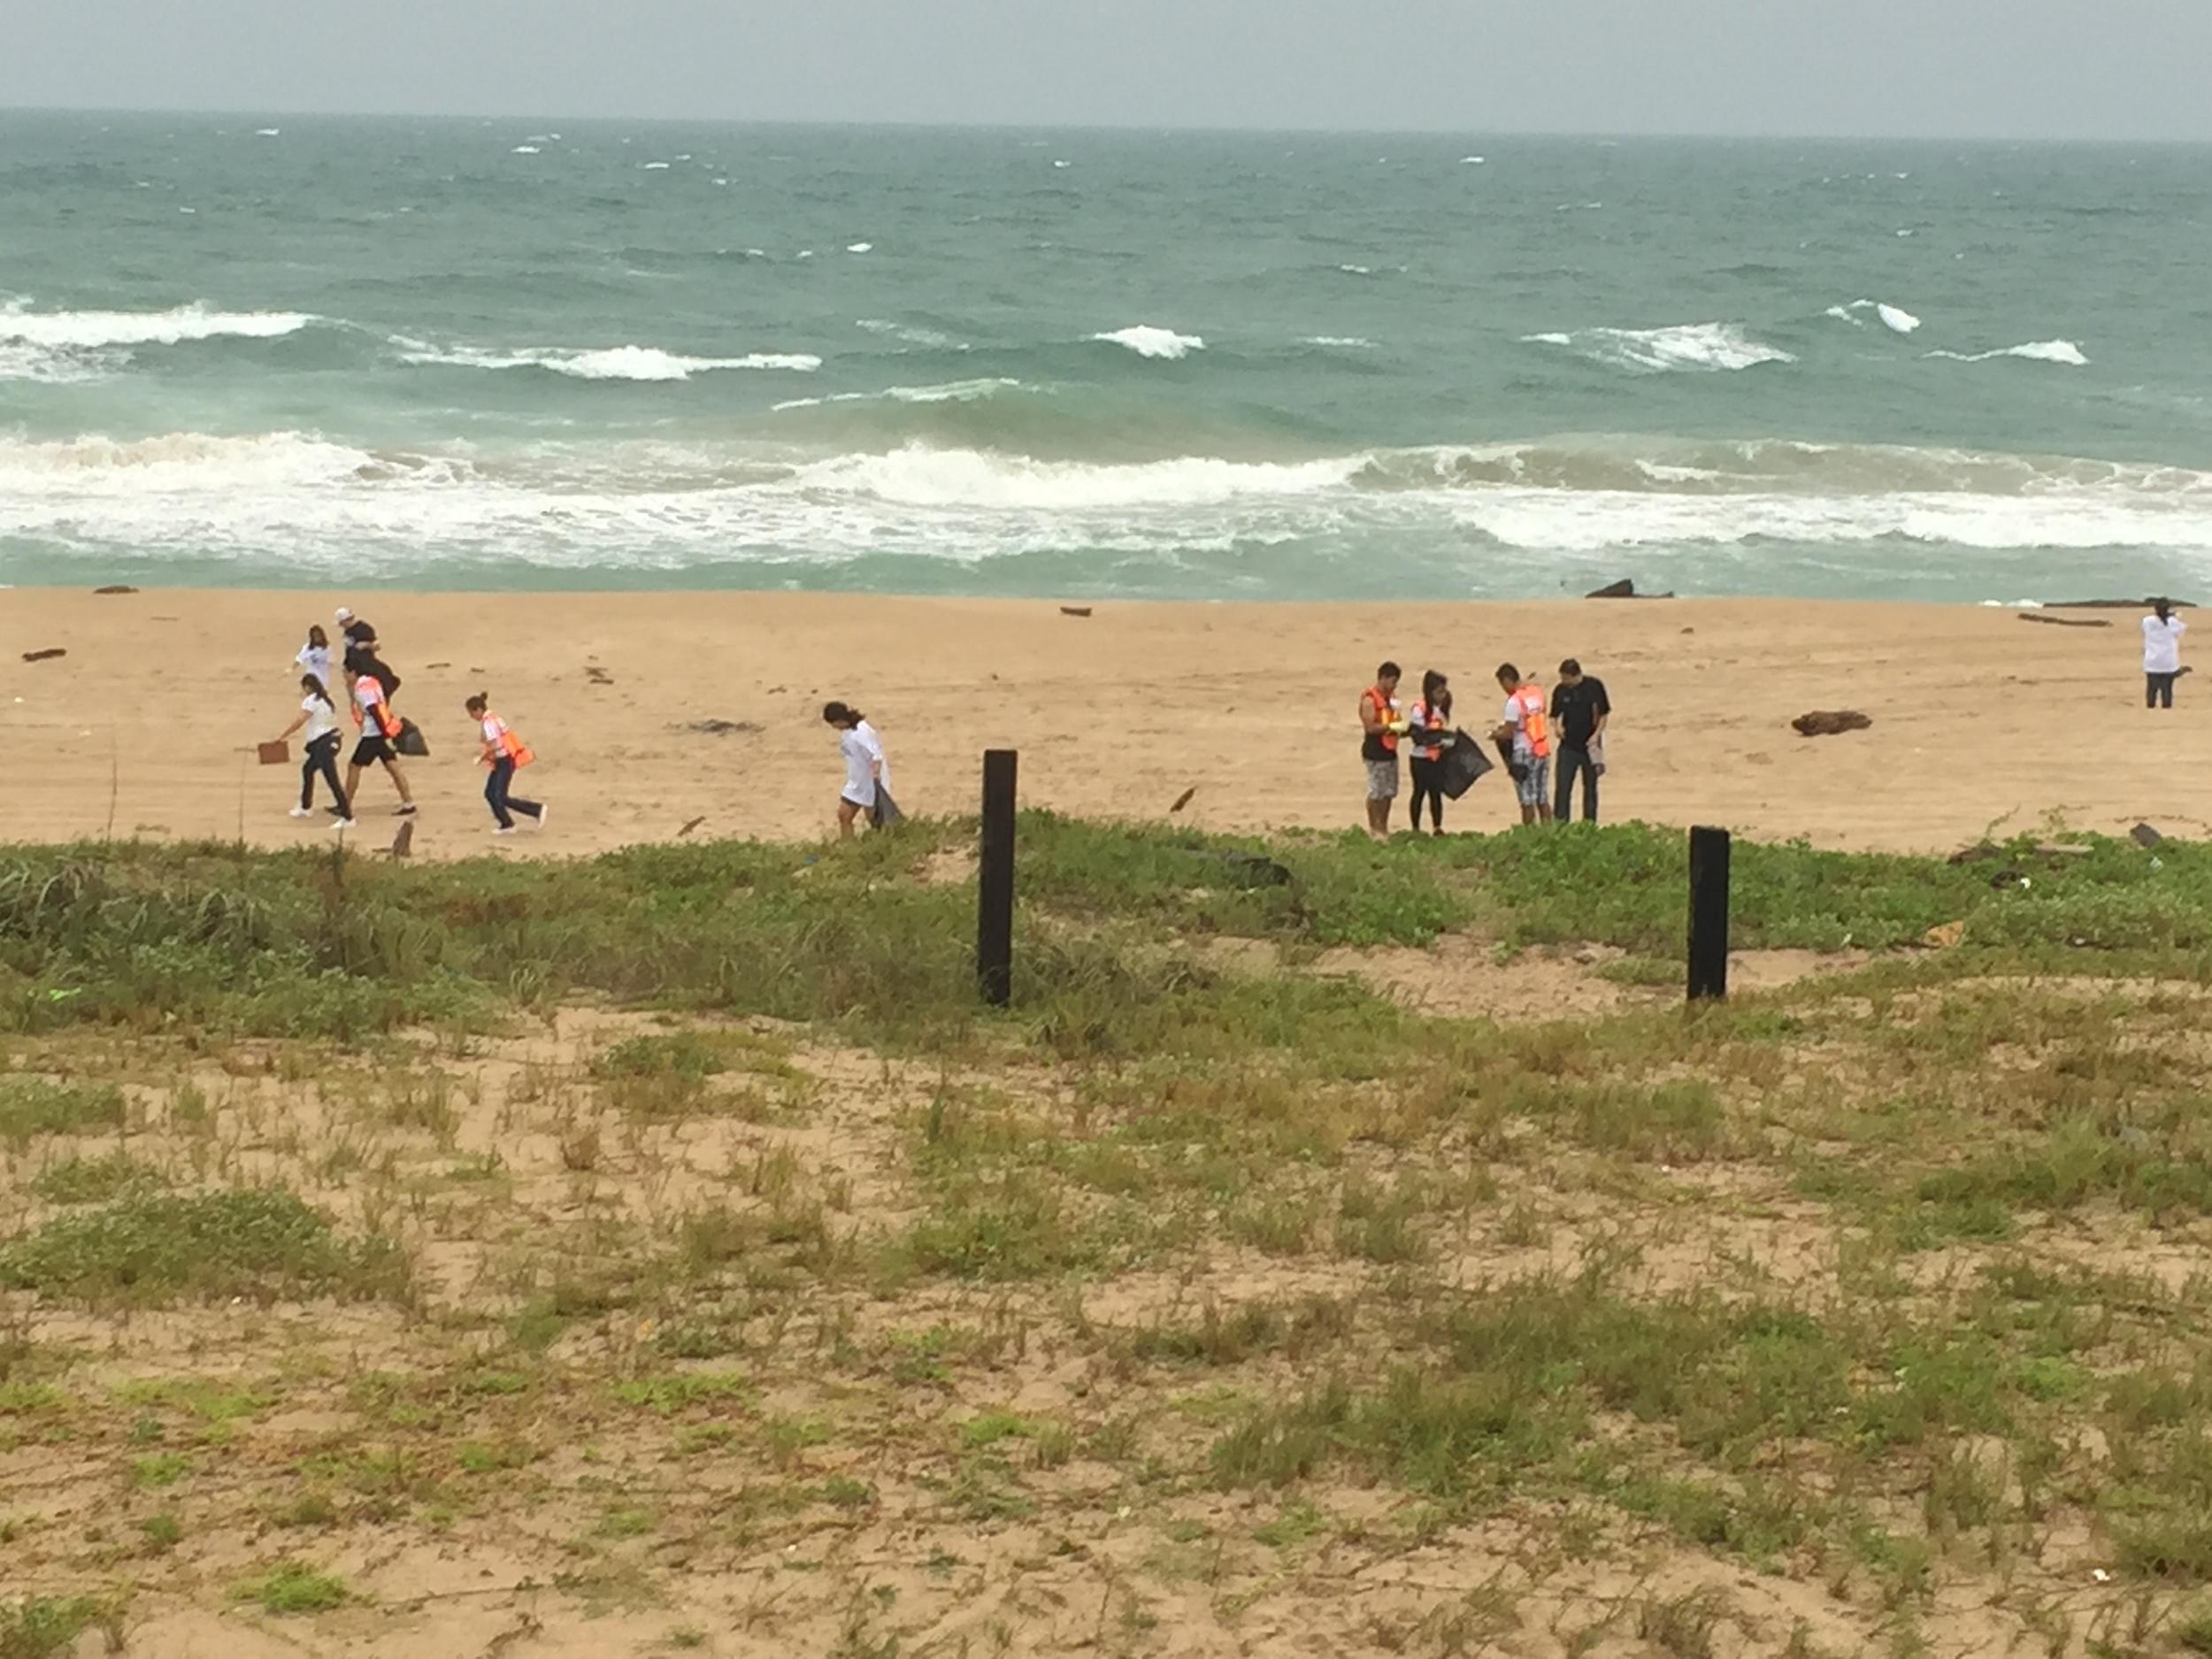 Mexico - Playa Miramar - ICC2015 - 2.JPG